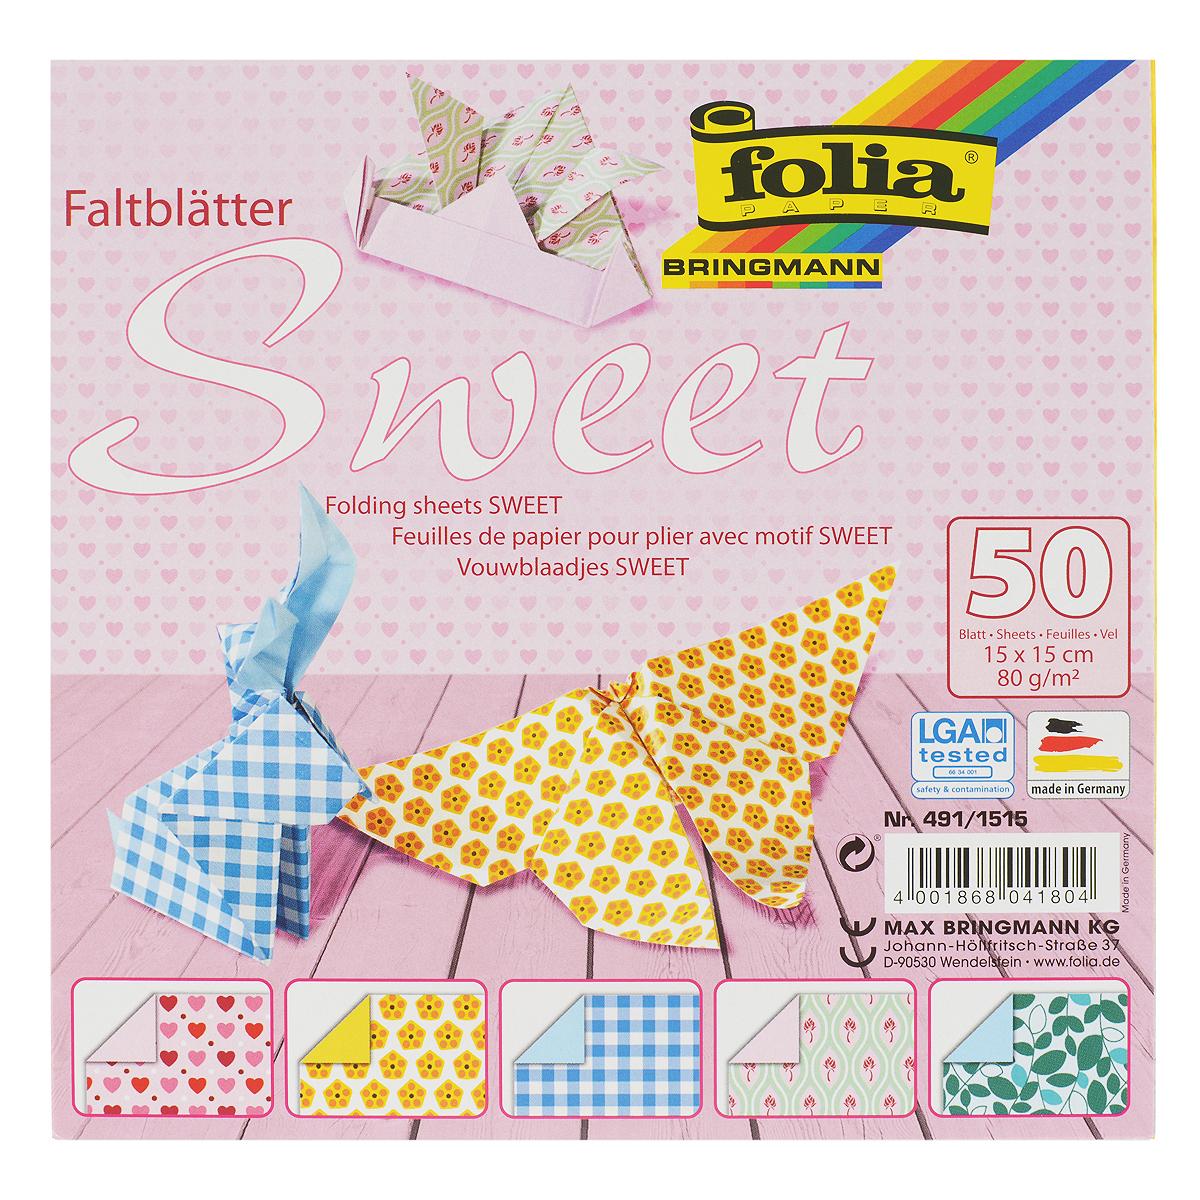 Бумага для оригами Folia Sweet, 15 см х 15 см, 50 листовC0042415Набор специальной цветной двусторонней бумаги для оригами Folia Sweet содержит 50 листов разных цветов, которые помогут вам и вашему ребенку сделать яркие и разнообразные фигурки. В набор входит бумага пяти разных дизайнов. С одной стороны - бумага однотонная, с другой - оформлена оригинальными узорами и орнаментами. Эти листы можно использовать для оригами, украшения для садового подсвечника или для создания новогодних звезд. При многоразовом сгибании листа на бумаге не появляются трещины, так как она обладает очень высоким качеством. Бумага хорошо комбинируется с цветным картоном.За свою многовековую историю оригами прошло путь от храмовых обрядов до искусства, дарящего радость и красоту миллионам людей во всем мире. Складывание и художественное оформление фигурок оригами интересно заполнят свободное время, доставят огромное удовольствие, радость и взрослым и детям. Увлекательные занятия оригами развивают мелкую моторику рук, воображение, мышление, воспитывают волевые качества и совершенствуют художественный вкус ребенка.Плотность бумаги: 80 г/м2.Размер листа: 15 см х 15 см.